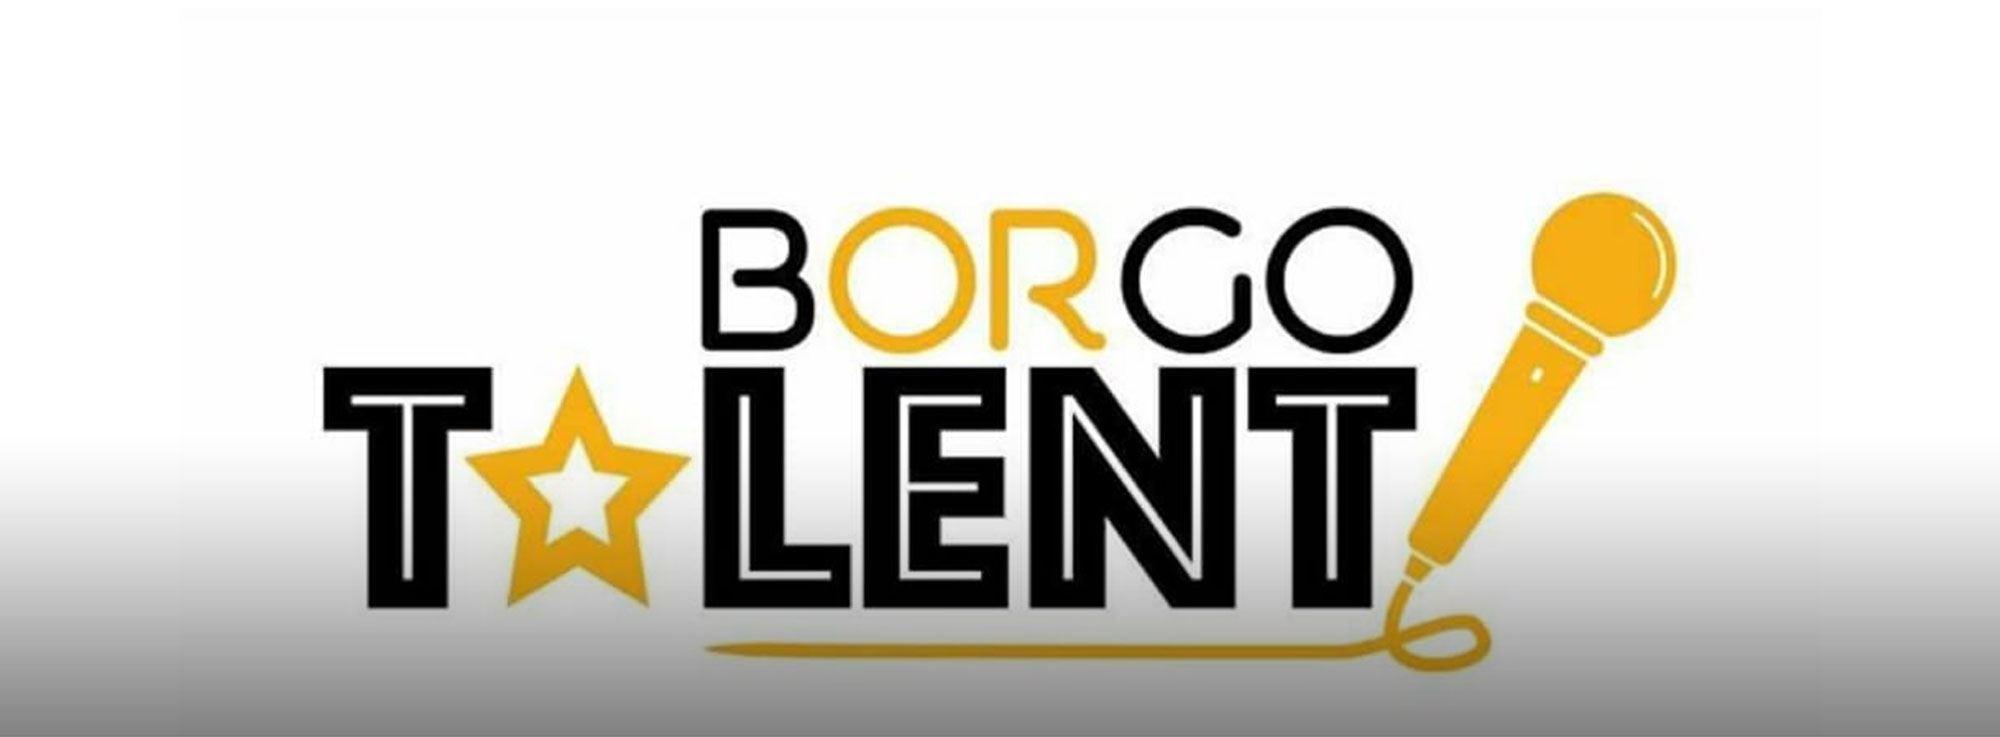 Borgo Celano: Borgo in Talent